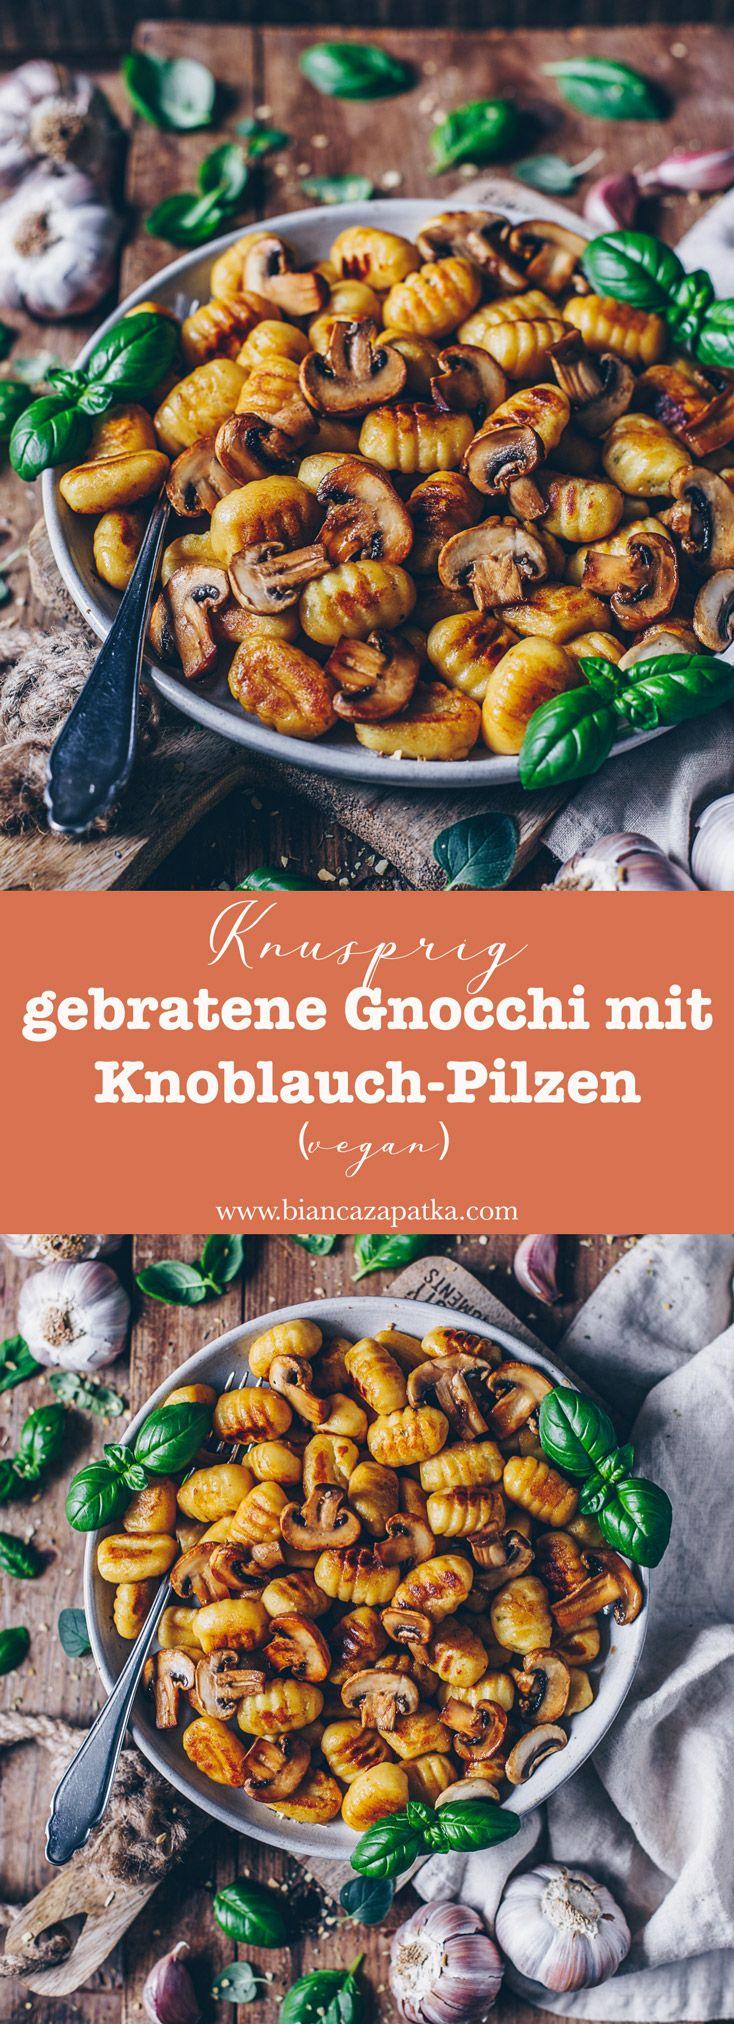 Knusprig gebratene Gnocchi mit Knoblauch-Pilzen (vegan